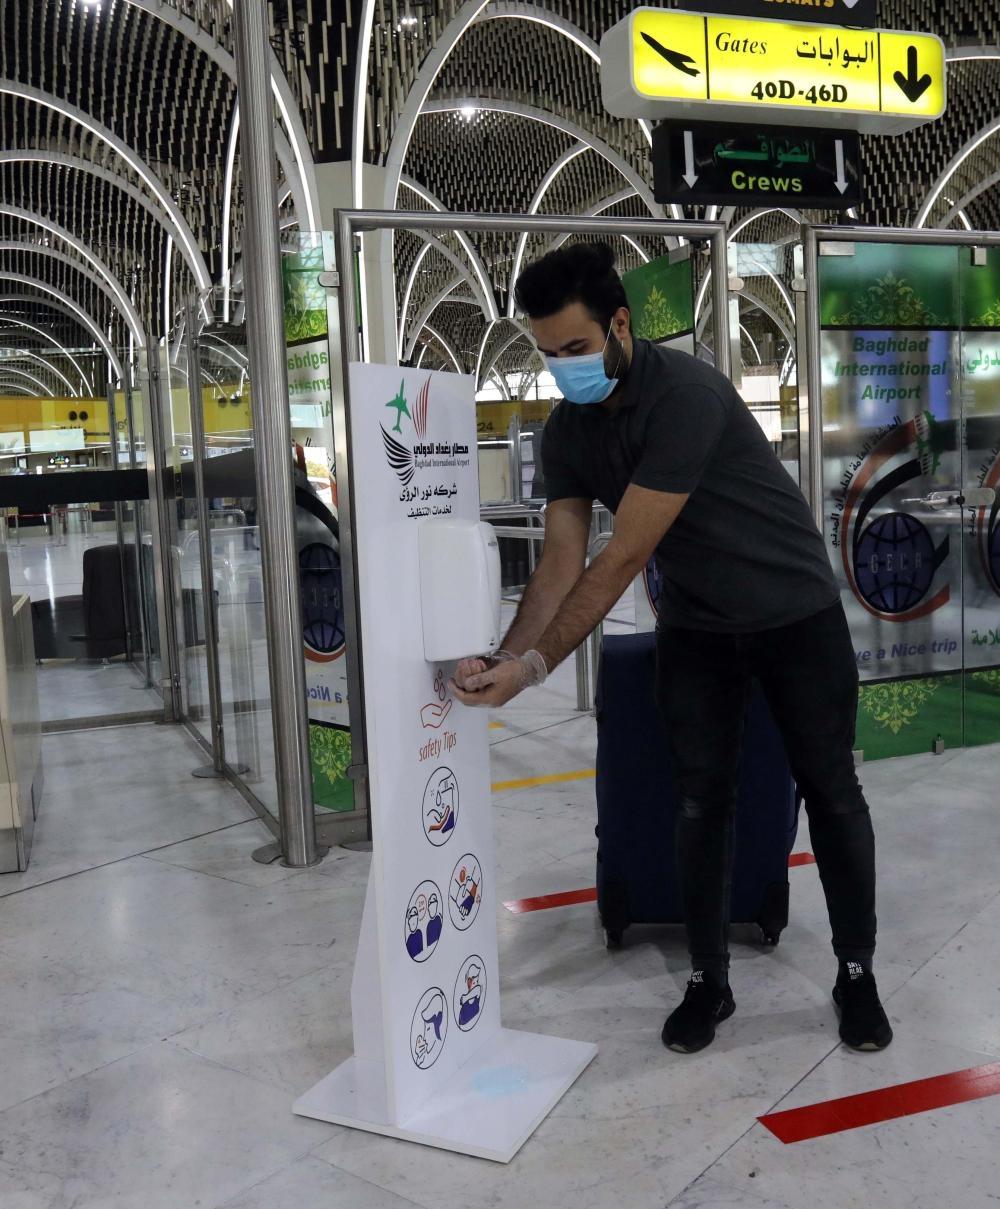 7月23日,在伊拉克巴格达国际机场,一名乘客洗手消毒。